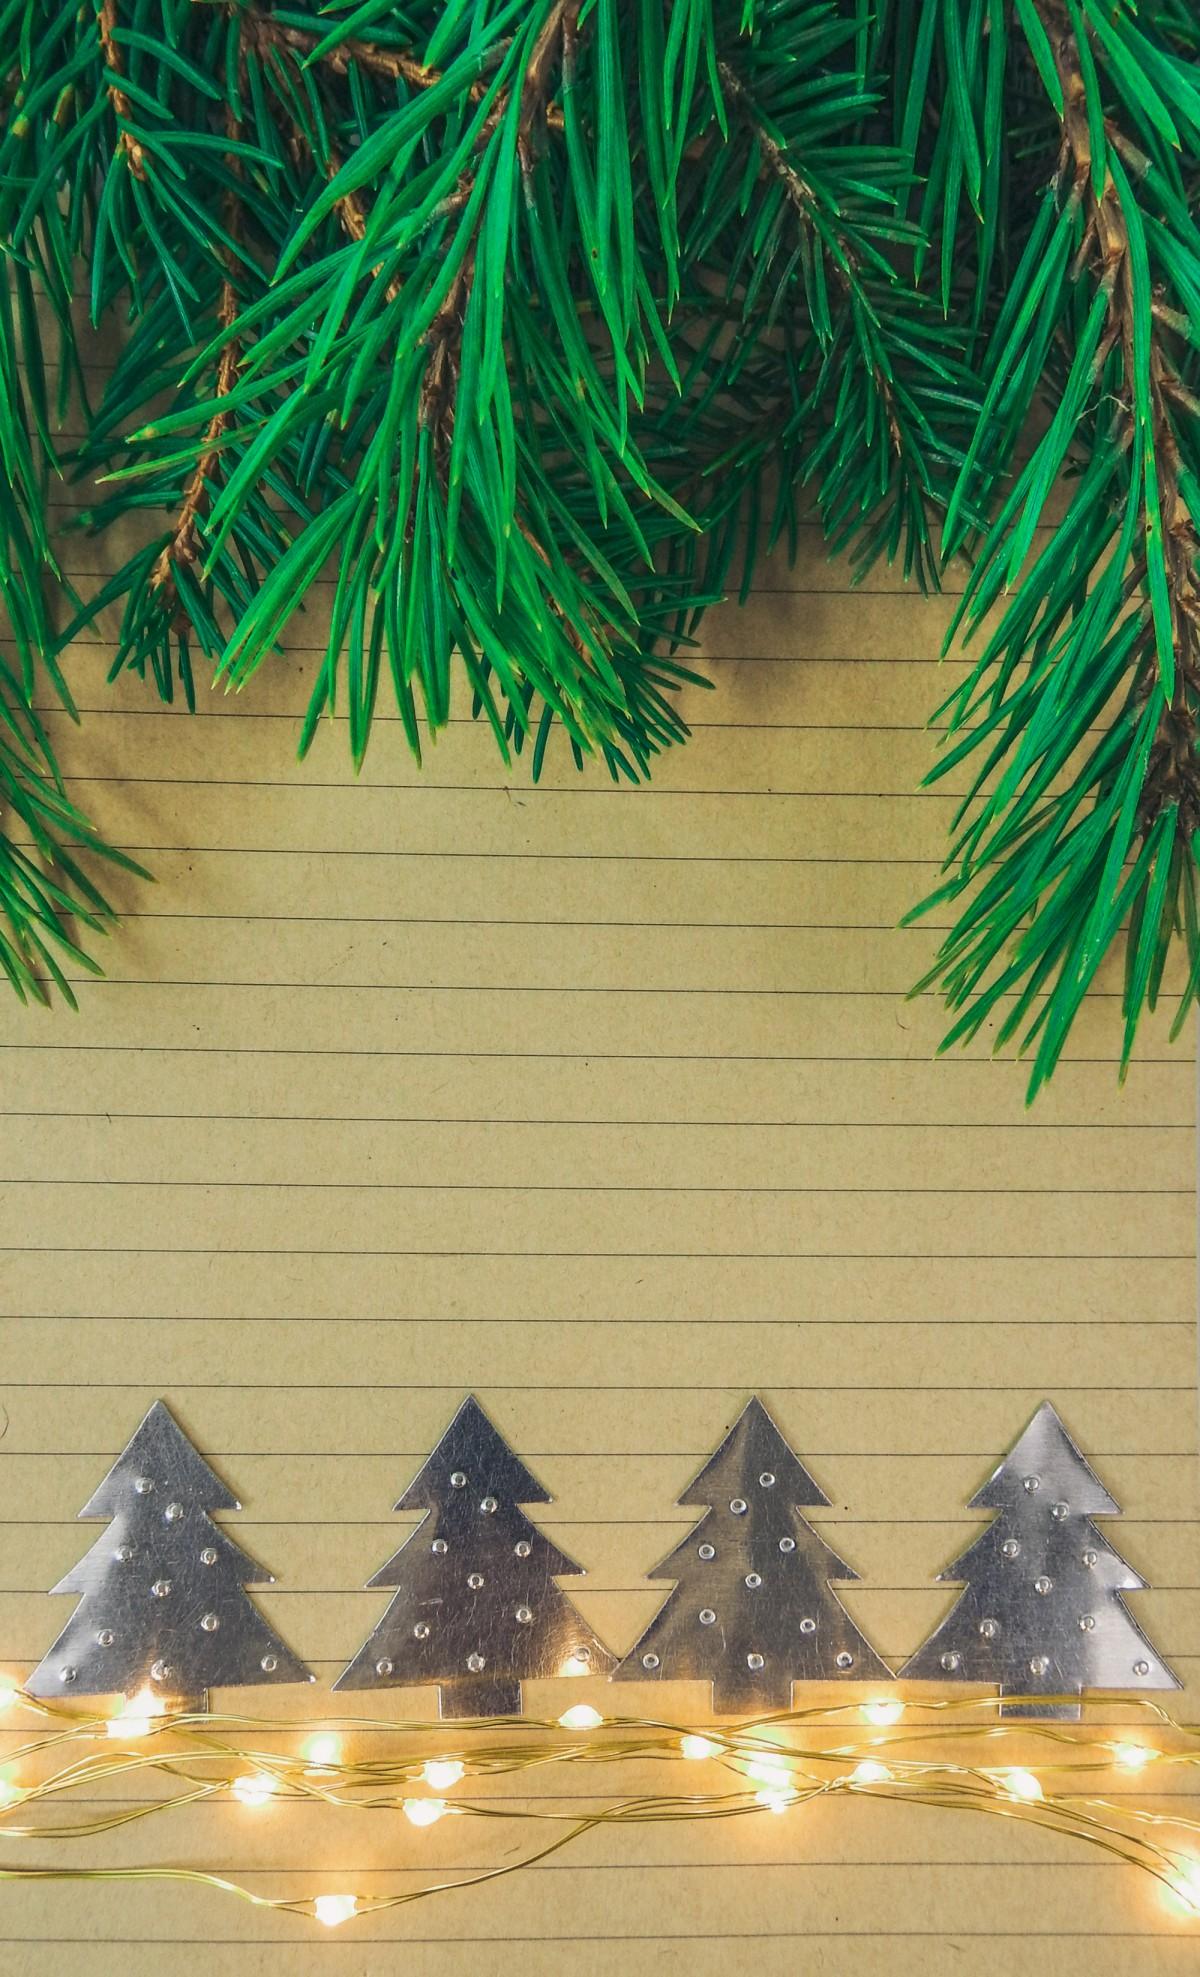 Fotos gratis : carta, espacio, fiesta, nuevo, año, invierno, diseño ...